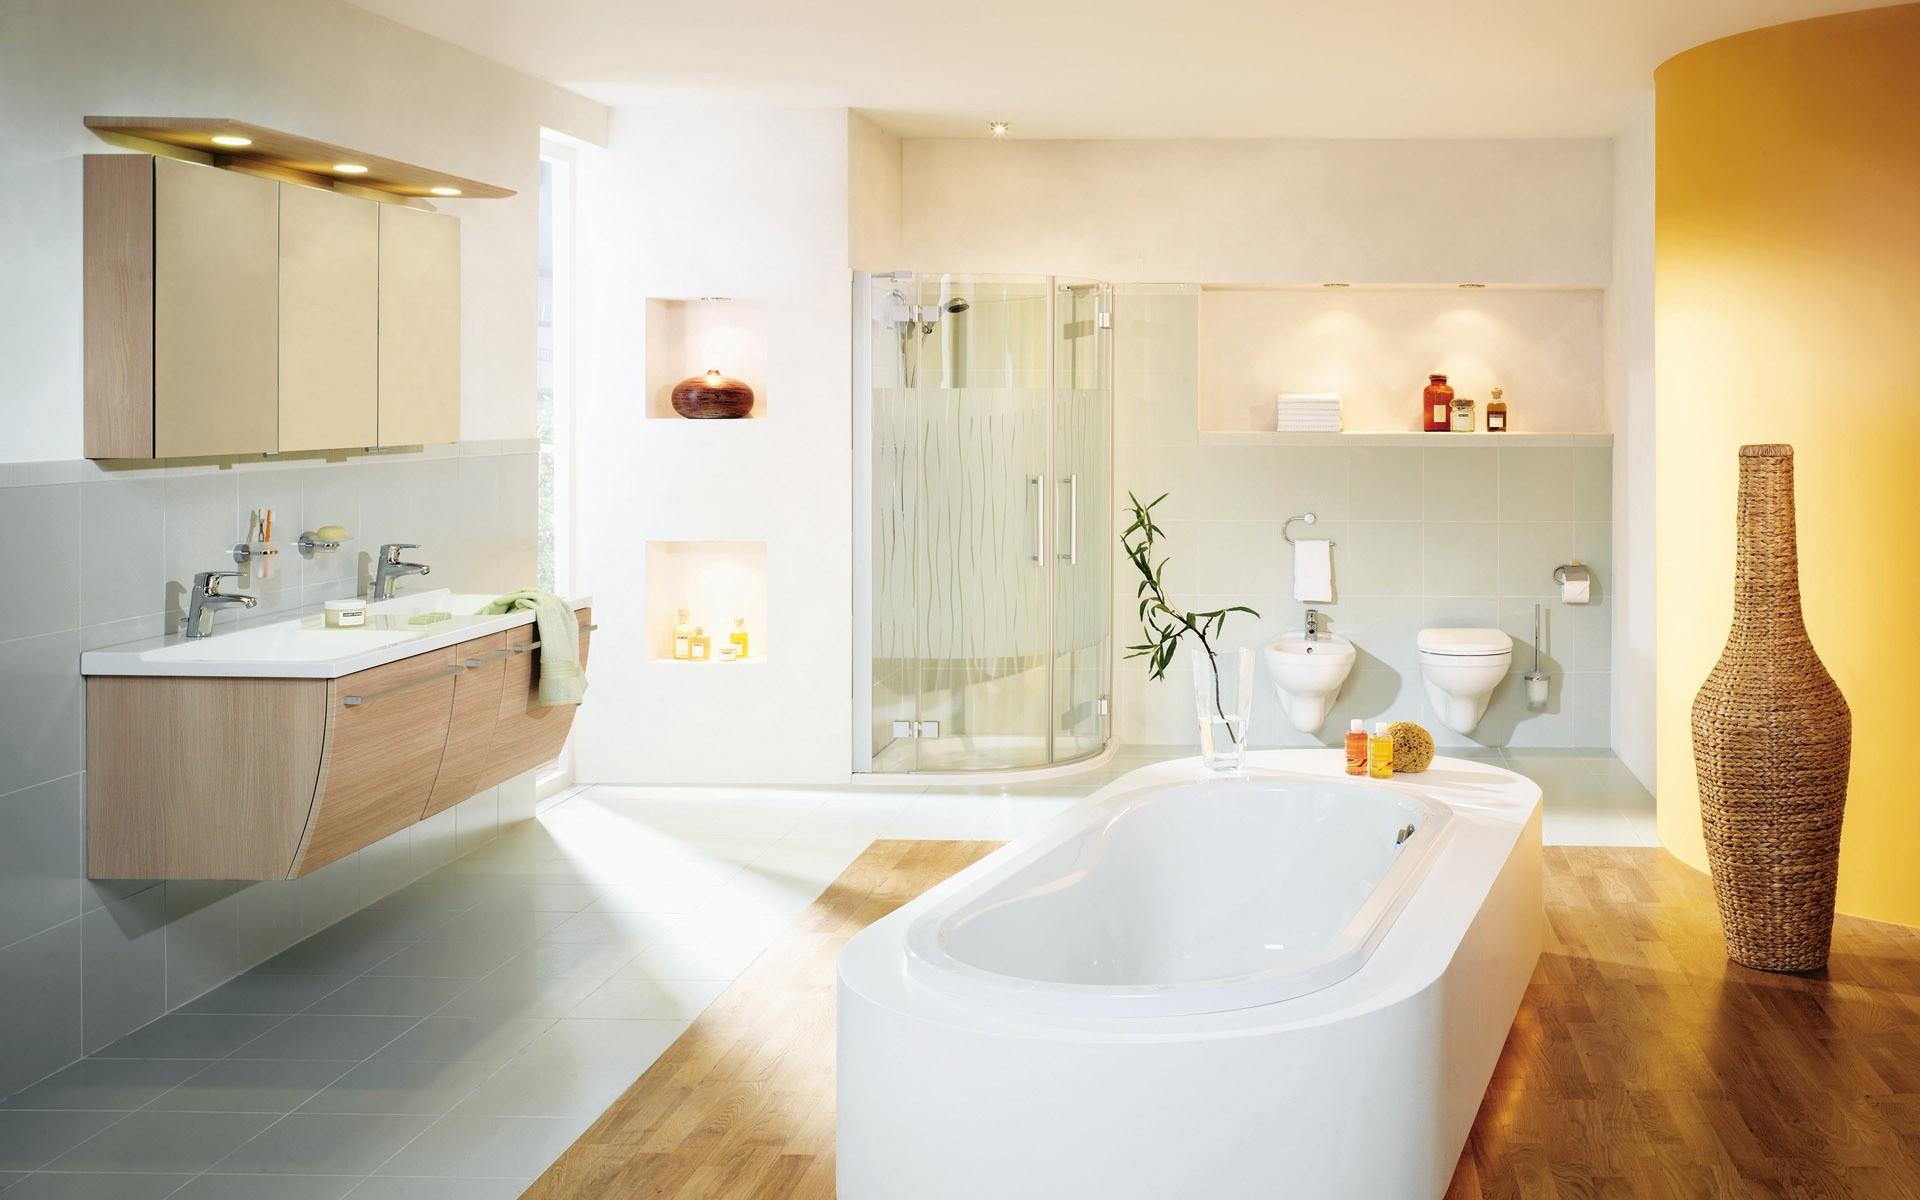 Diseño de un baño modernno - 1920x1200